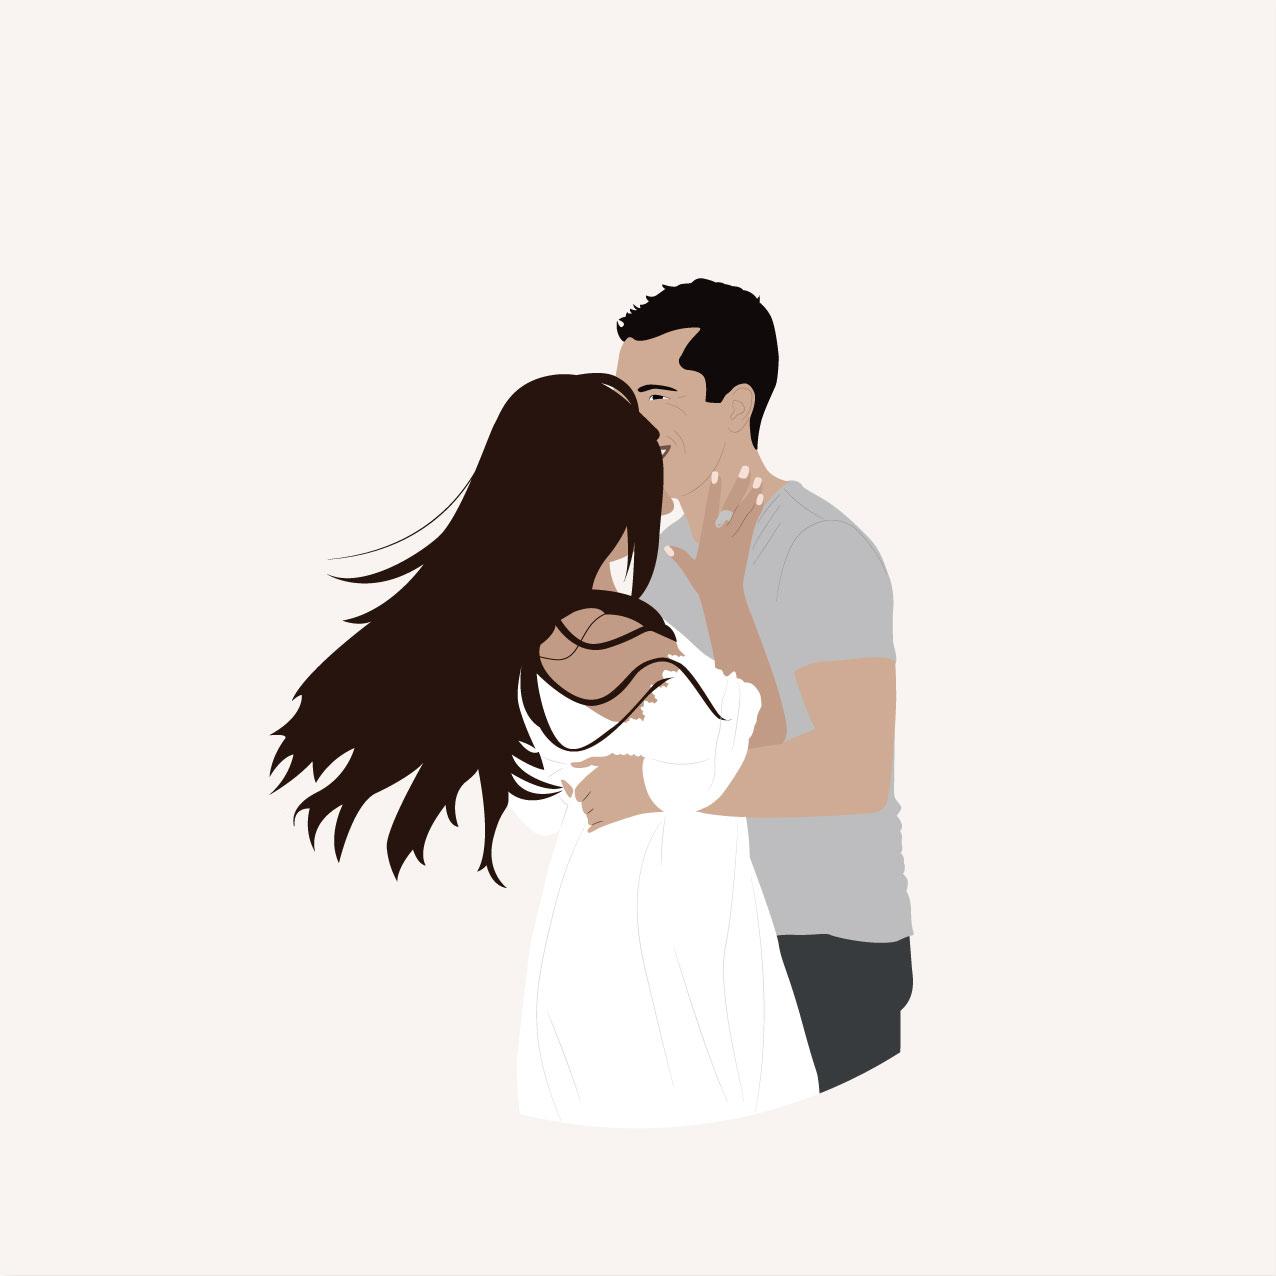 Illustrations, mariage, portrait, toi et moi, dessin, couple, photo, romantique